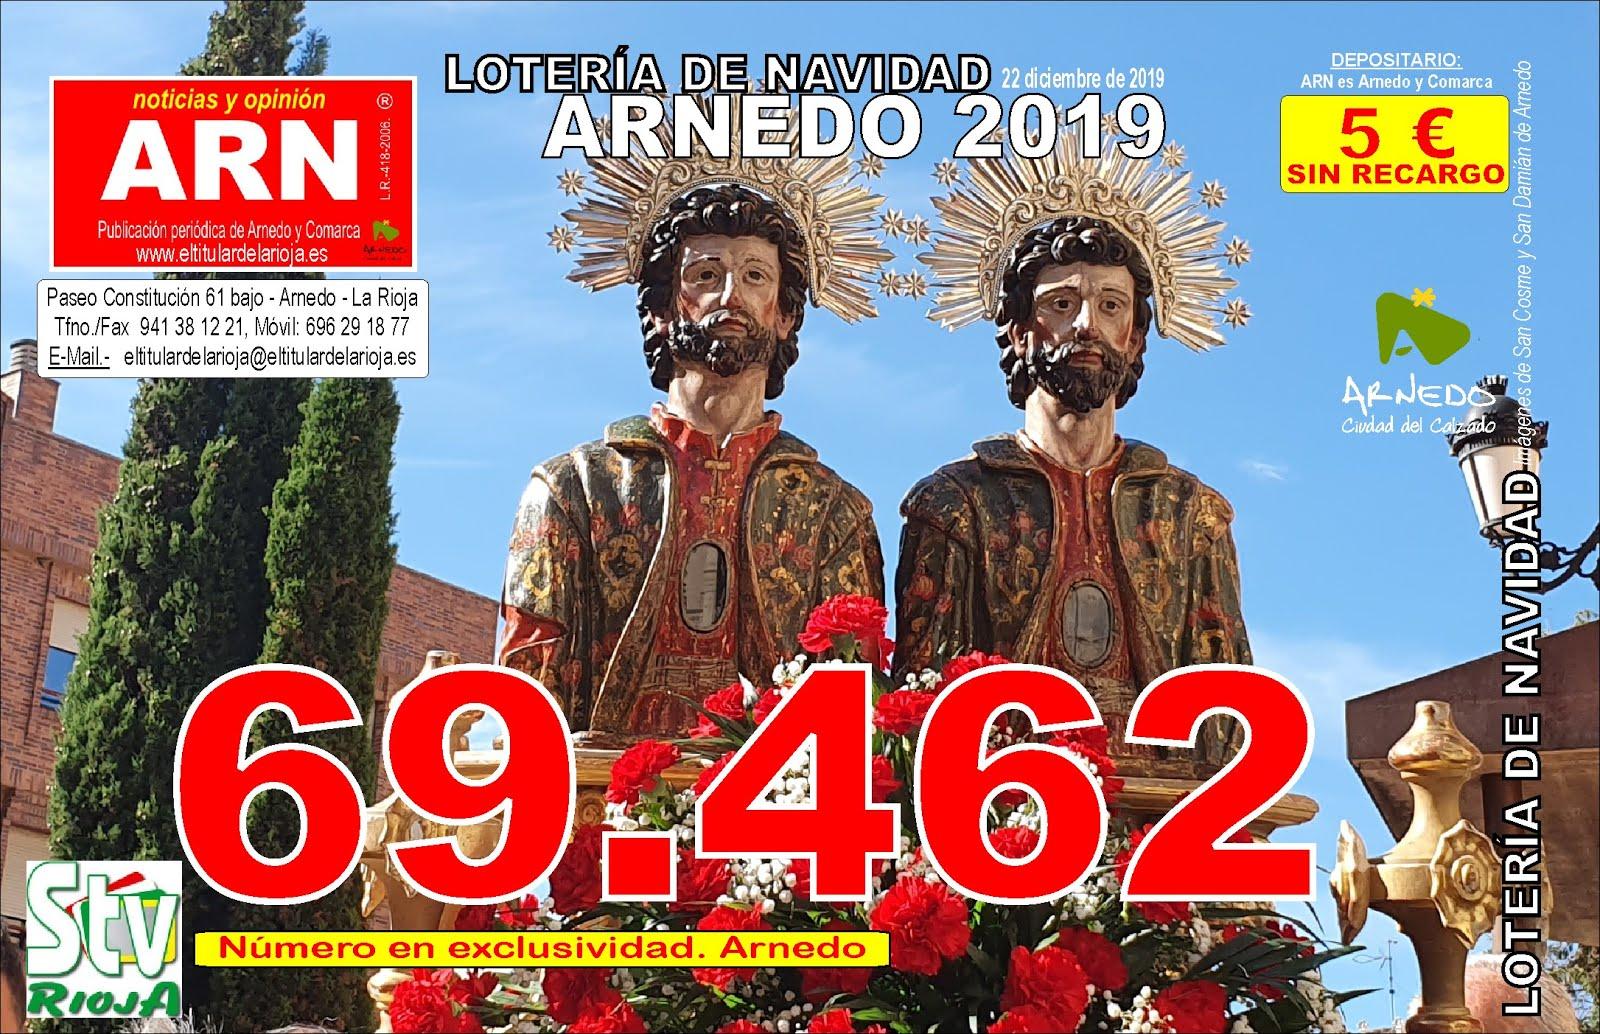 69462 SuerteRioja Lotería de Navidad